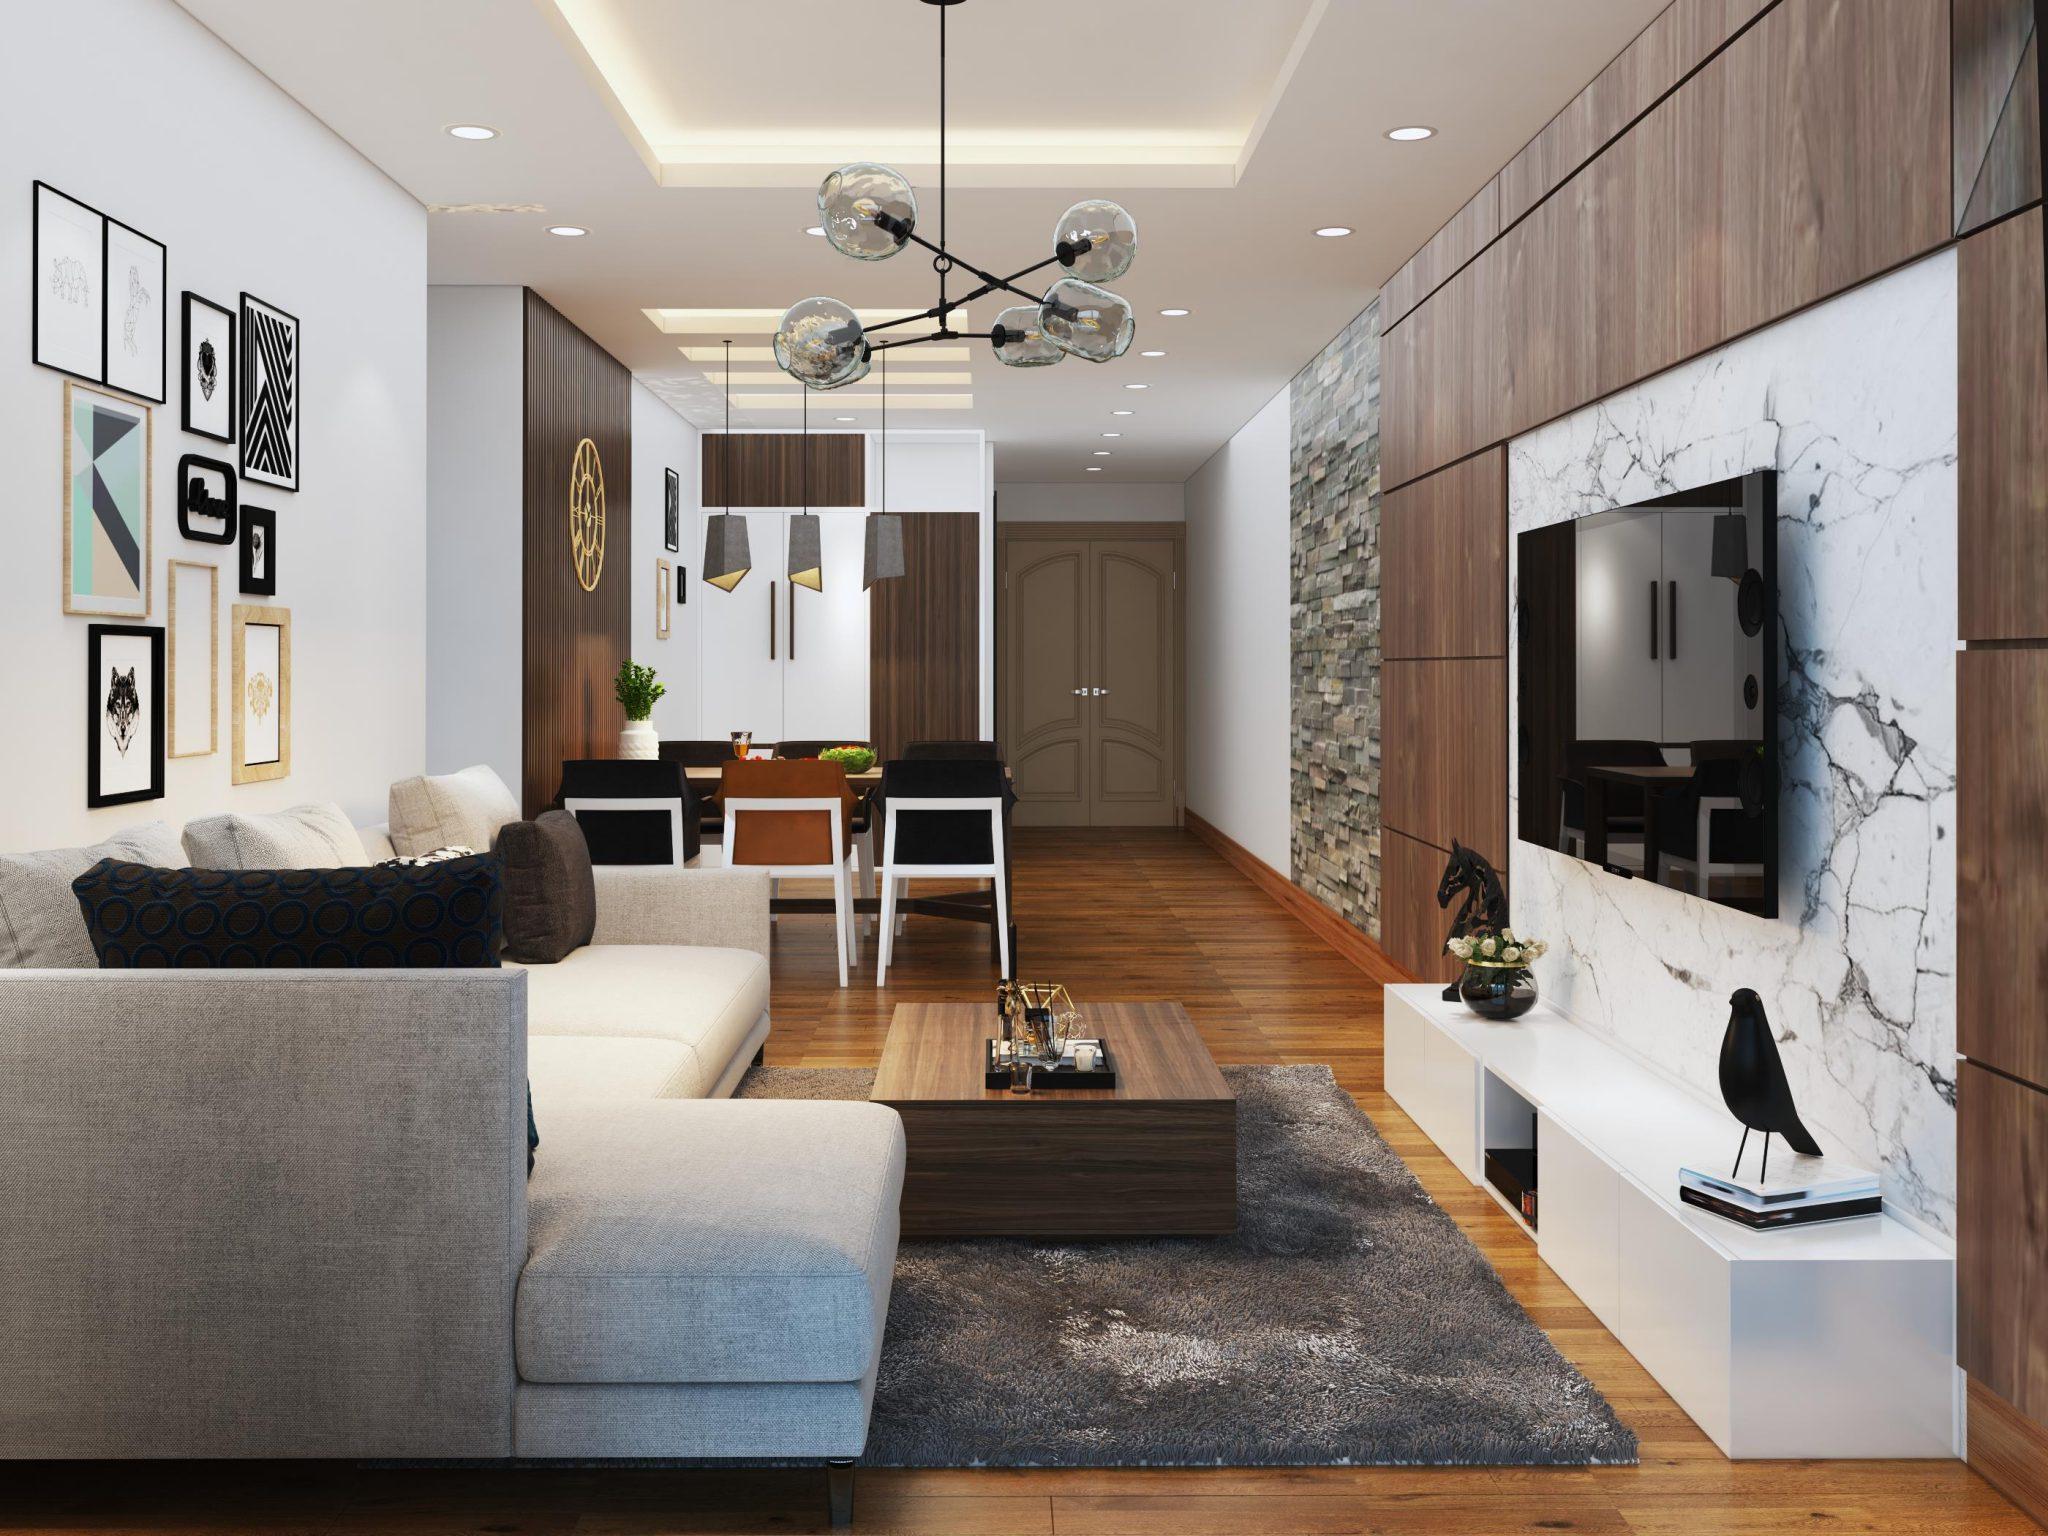 Tư vấn thiết kế nội thất căn hộ chung cư với diện tích (83m²) - Ảnh 6.